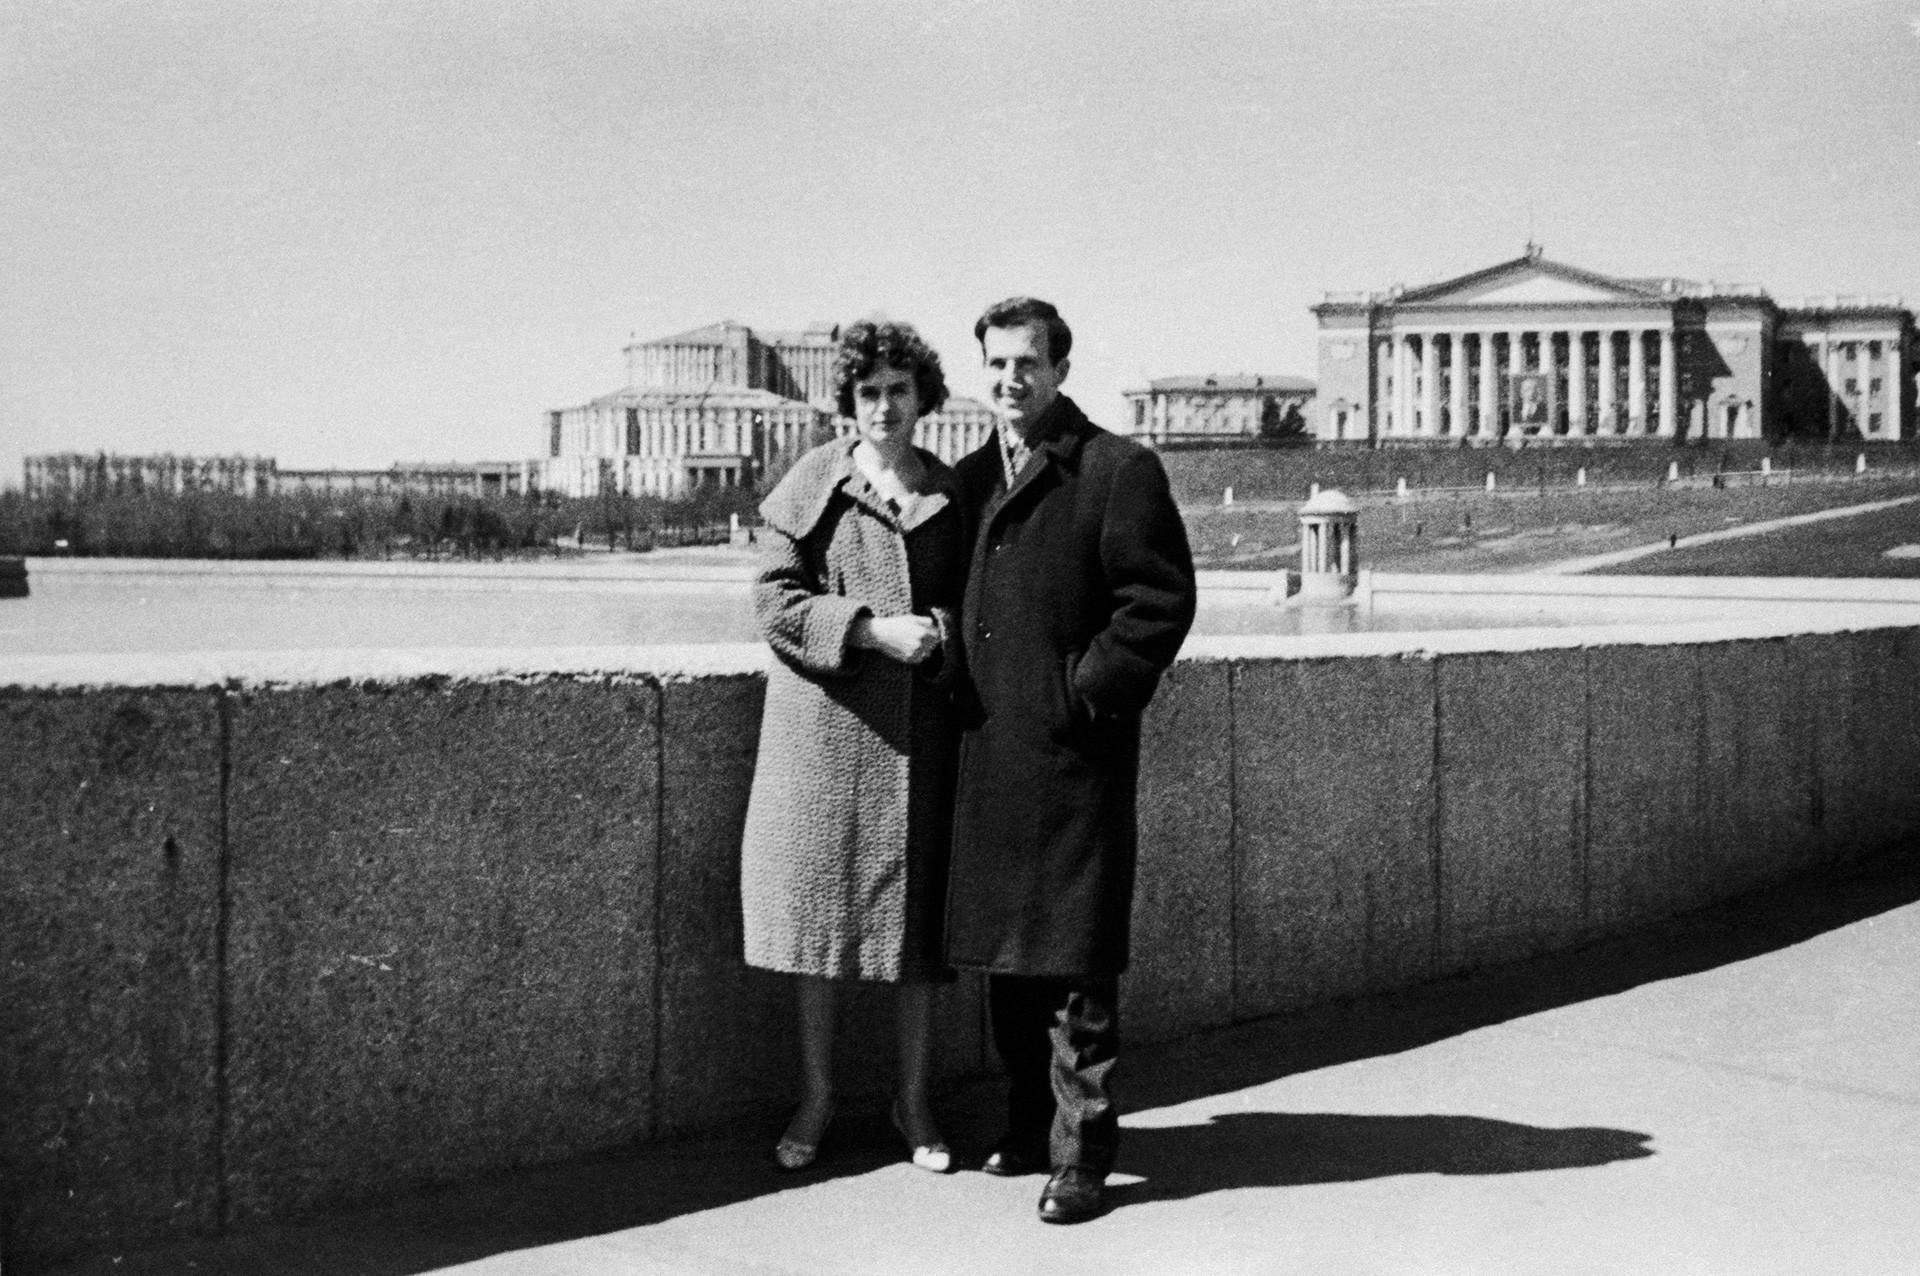 リー・ハーヴェイ・オズワルドはミンスクでマリーナ・プルサコワに恋をし、結婚したが、それでもアメリカに帰国したいと考えるようになった。